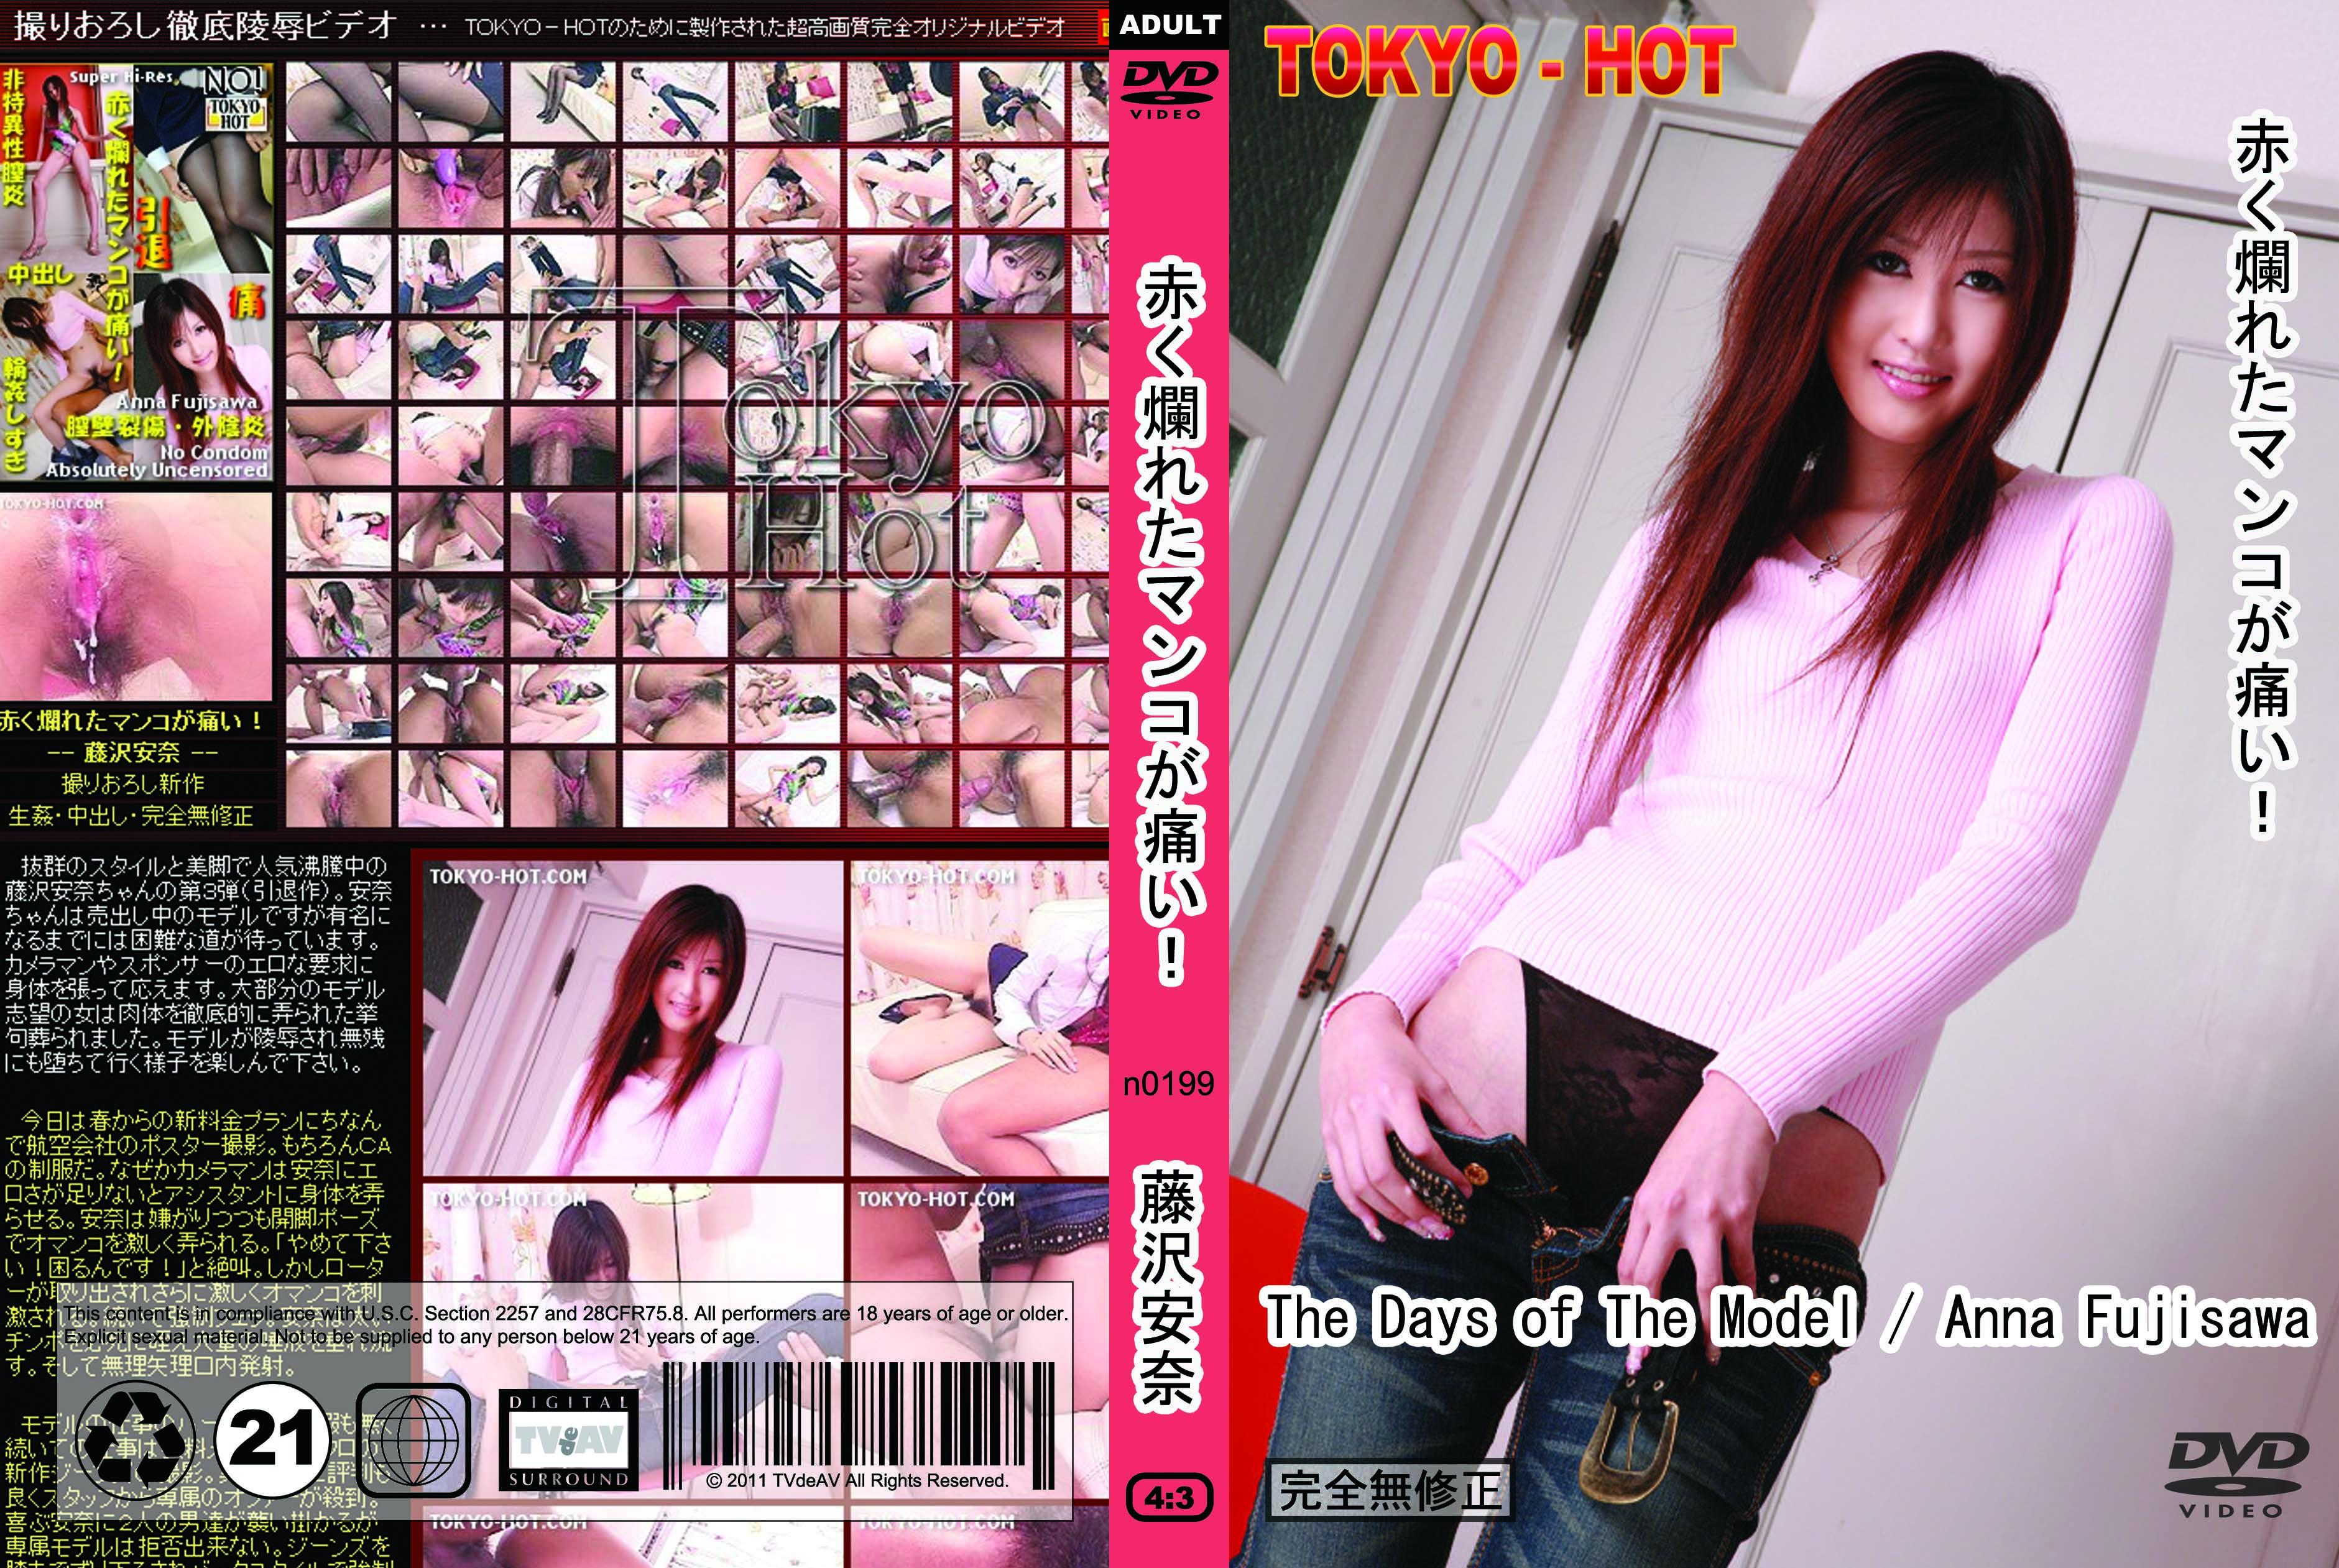 tokyo-hot-n0199-cd1-赤く爛れたマンコが痛い!